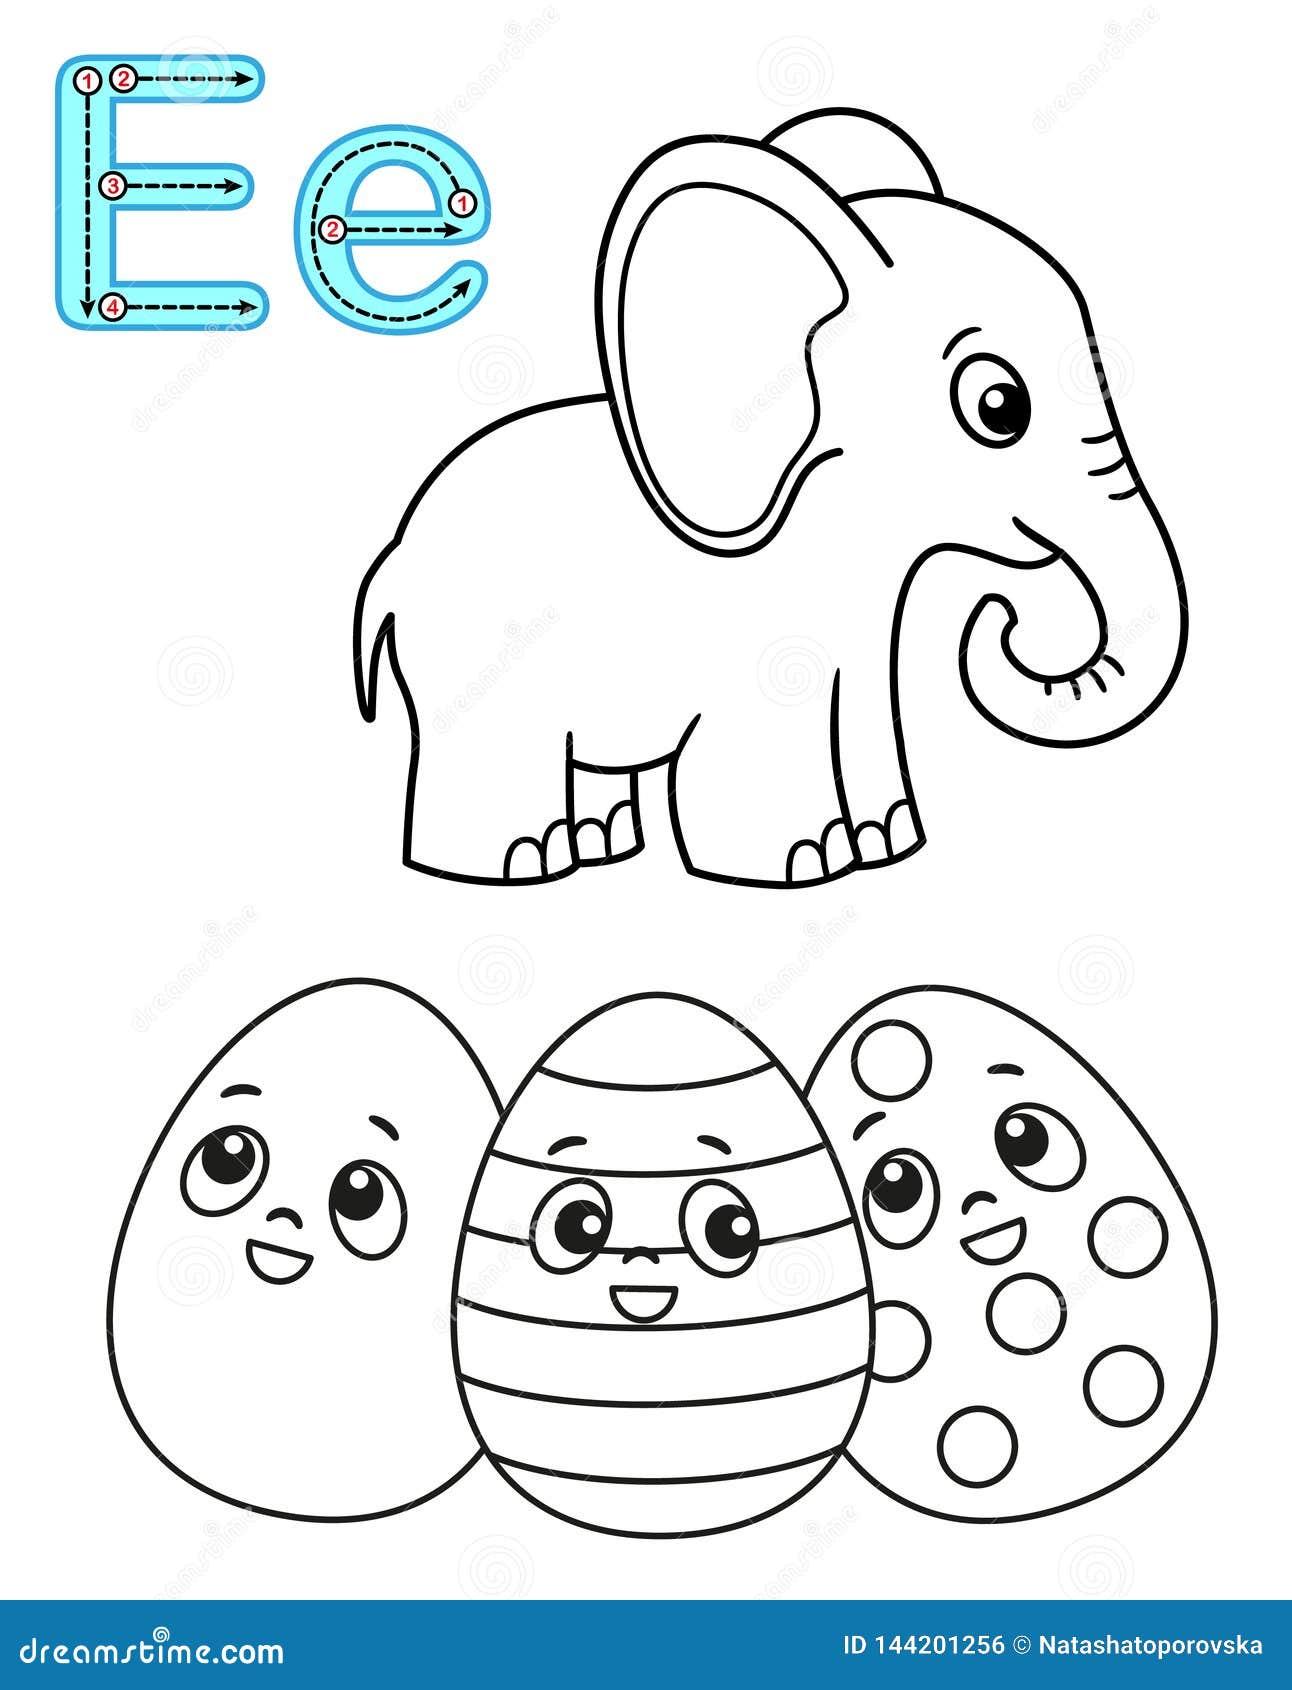 Coloriage Paques Anglais.Page De Coloration Imprimable Pour Le Jardin D Enfants Et L